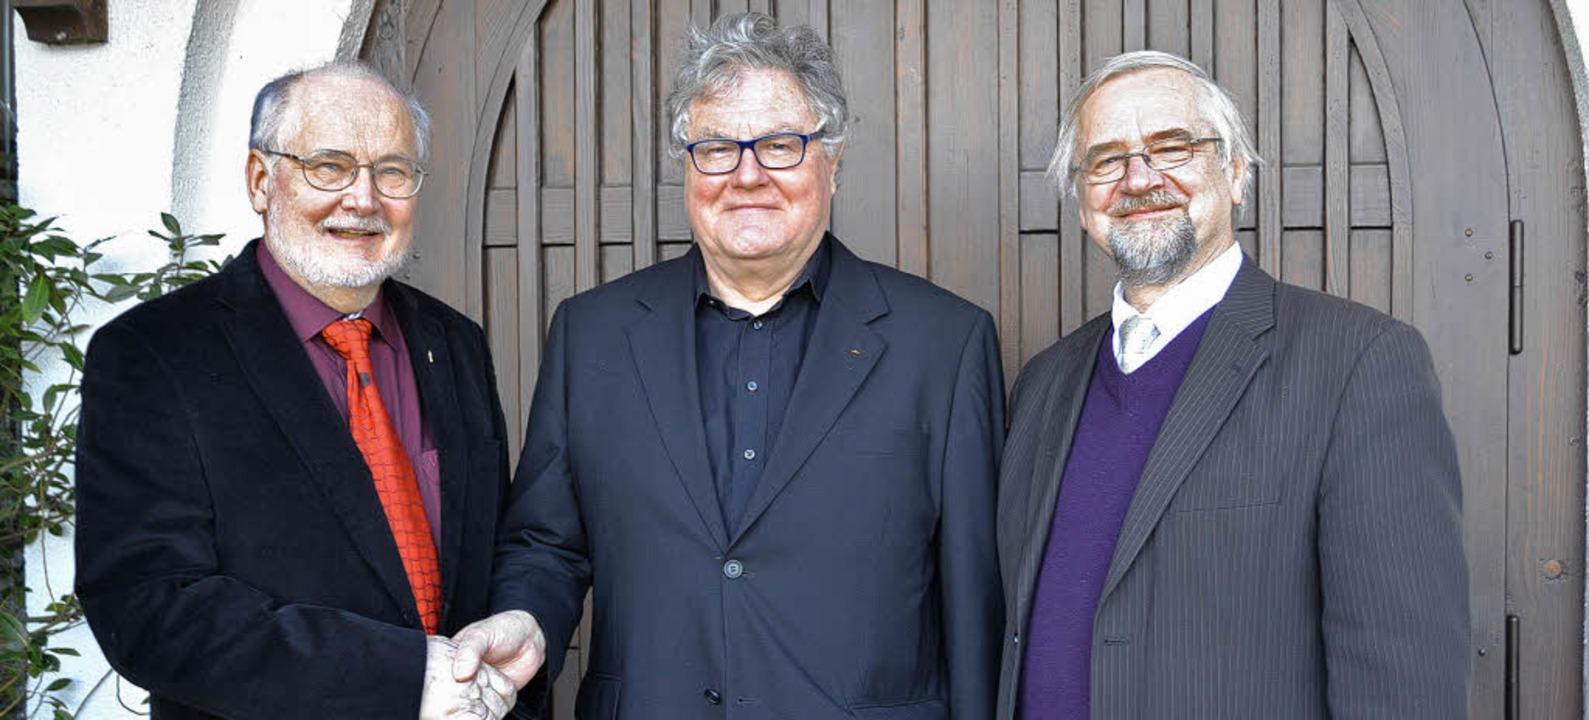 v.l.: Pfarrgemeinderatsvorsitzender Wo...ch Bayer, Pfarrer Eckhard Weißenberger  | Foto: Beate Zehnle-Lehmann